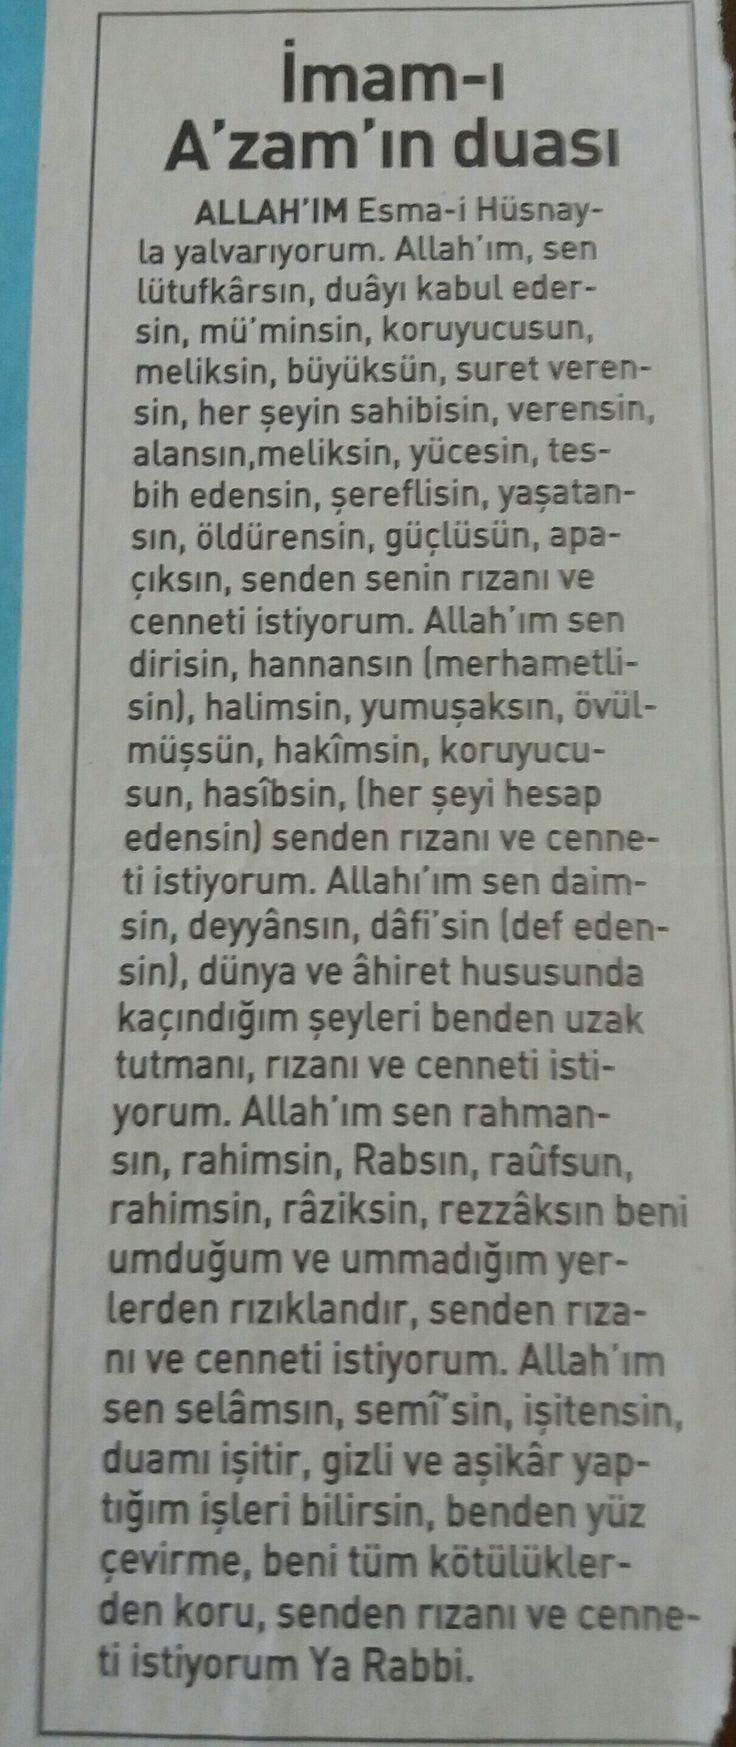 Imam-ı Azam duası